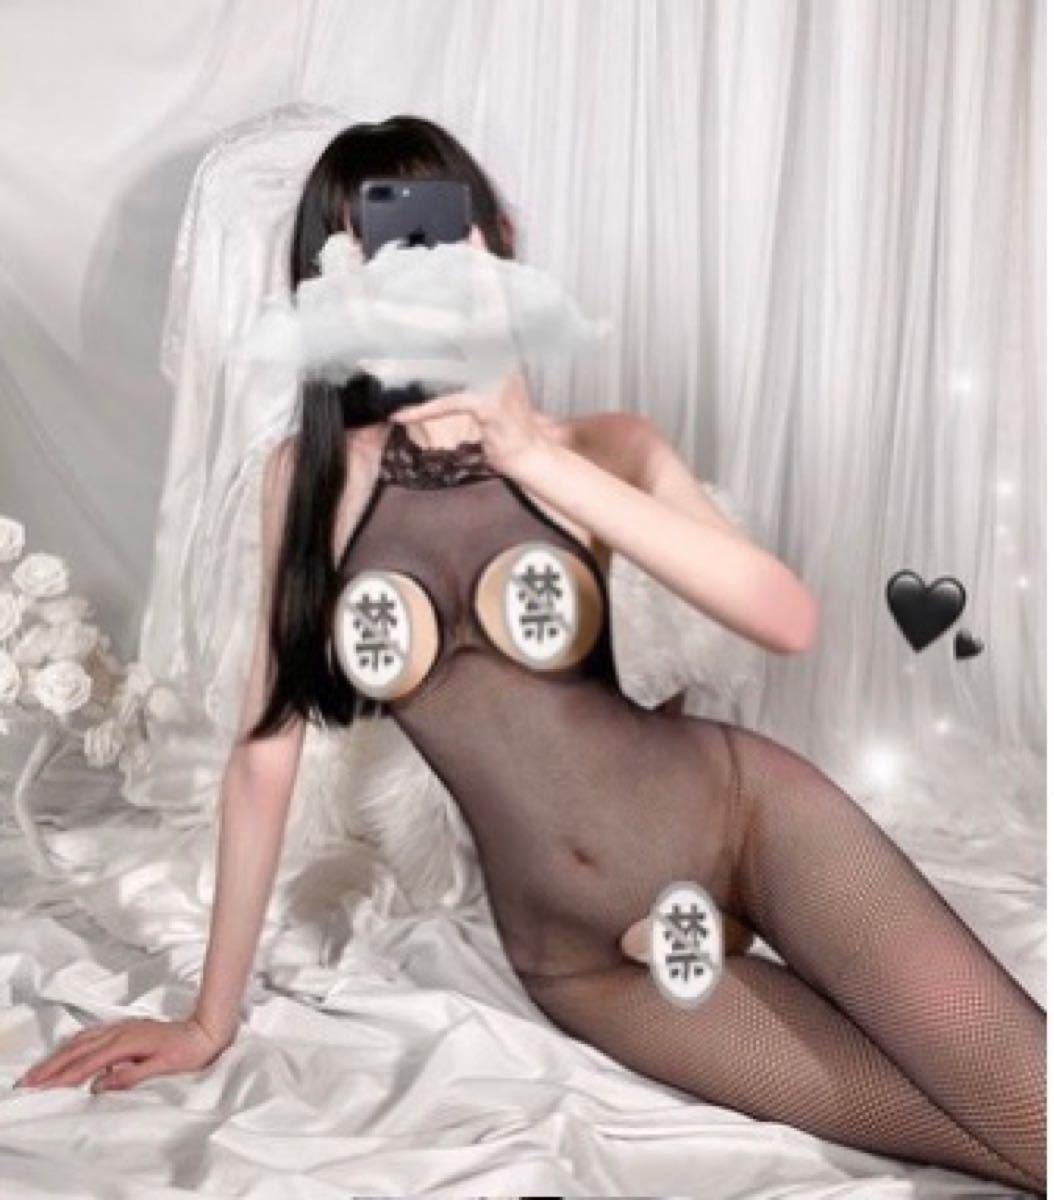 ベビードール セクシーランジェリー Tバック 黒 ナイトウェア スリップ エロ下着 透け透け ボディーストッキング エロ可愛い